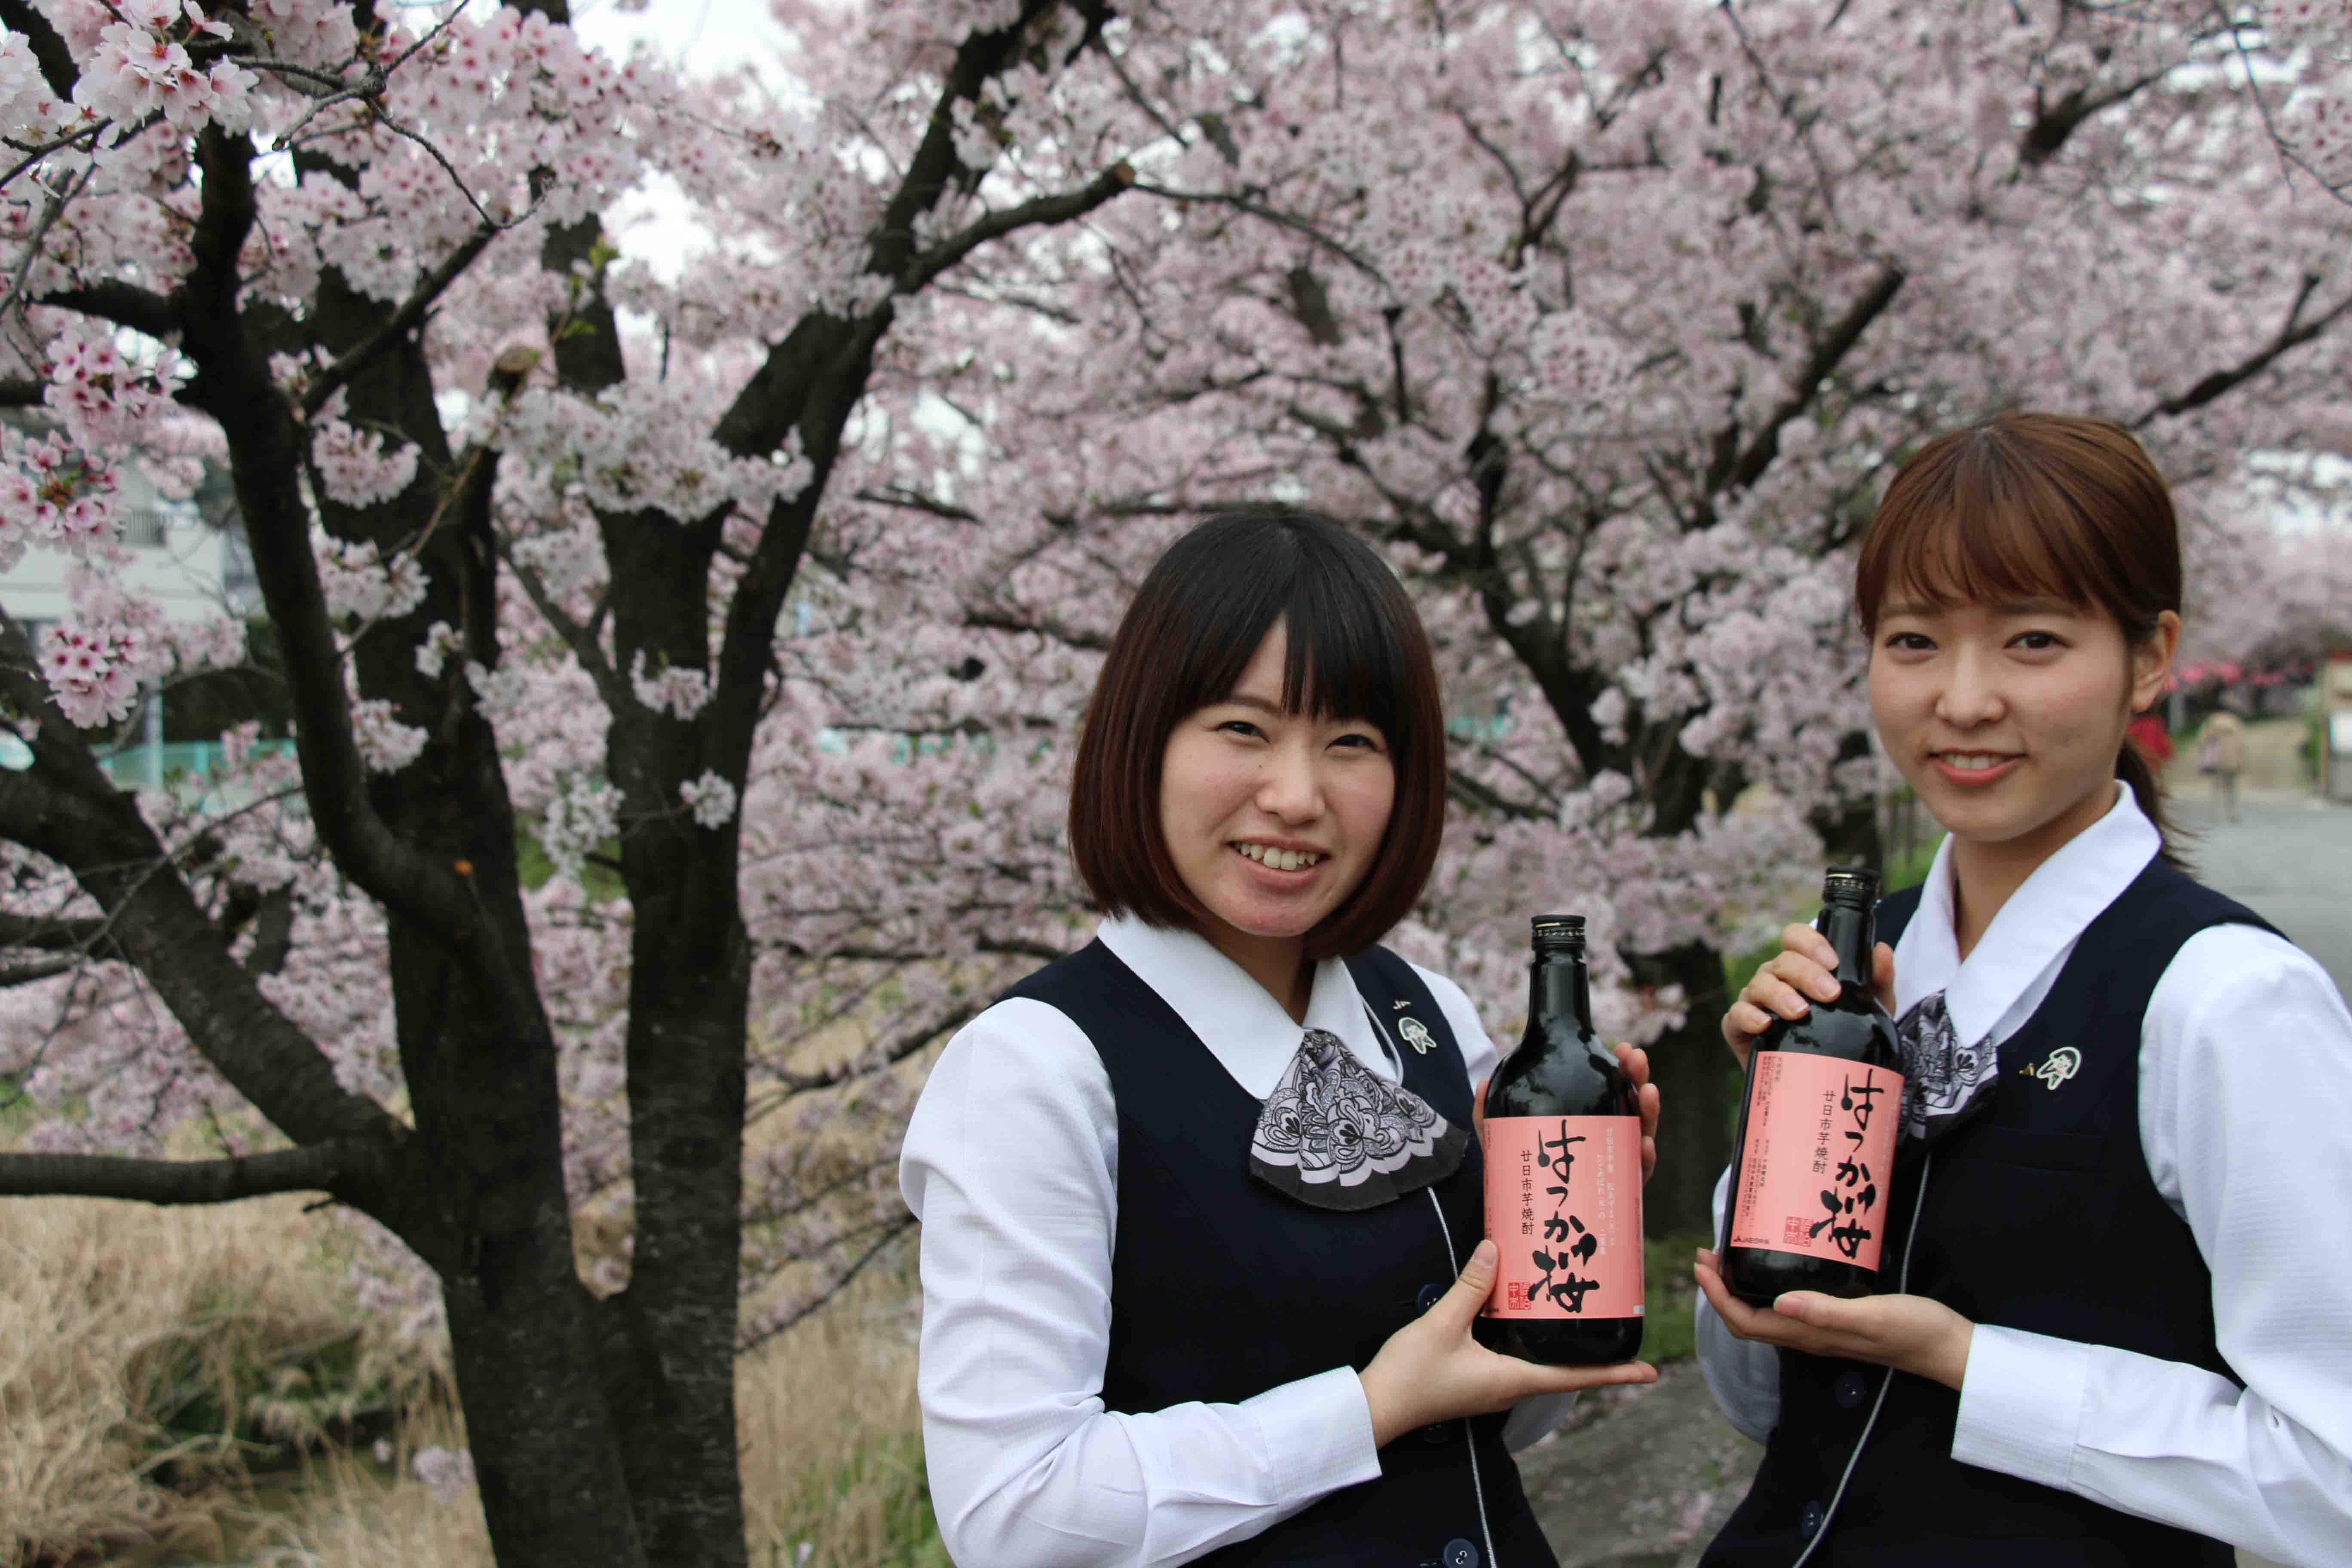 廿日市芋焼酎 はつか桜